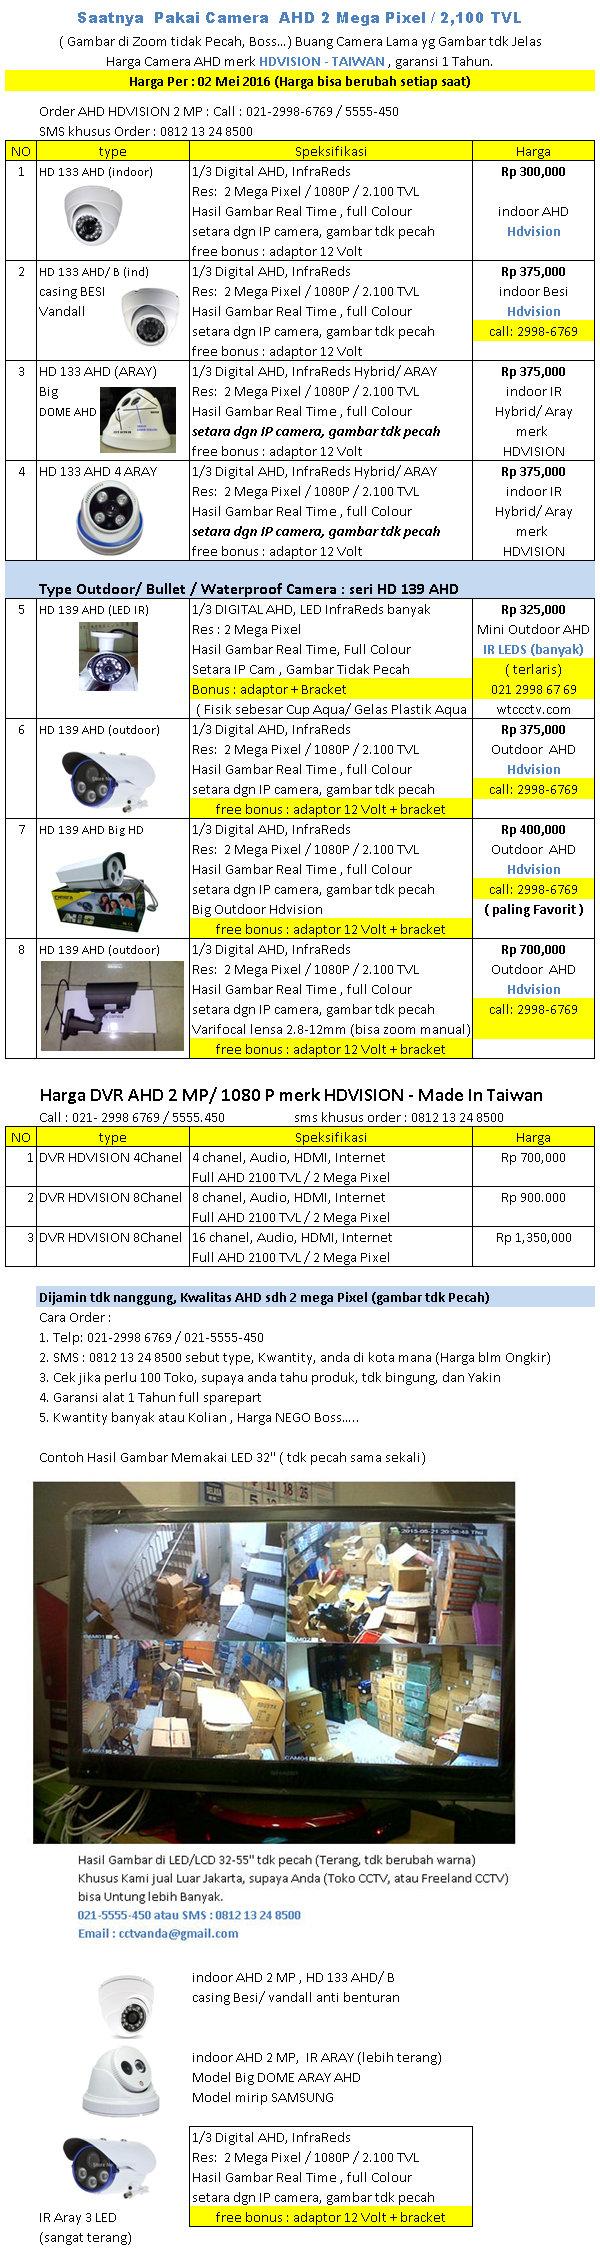 Harga AHD 2 MegaPixel merk HDVision per 02 Mei 2016 Avtech Jakarta